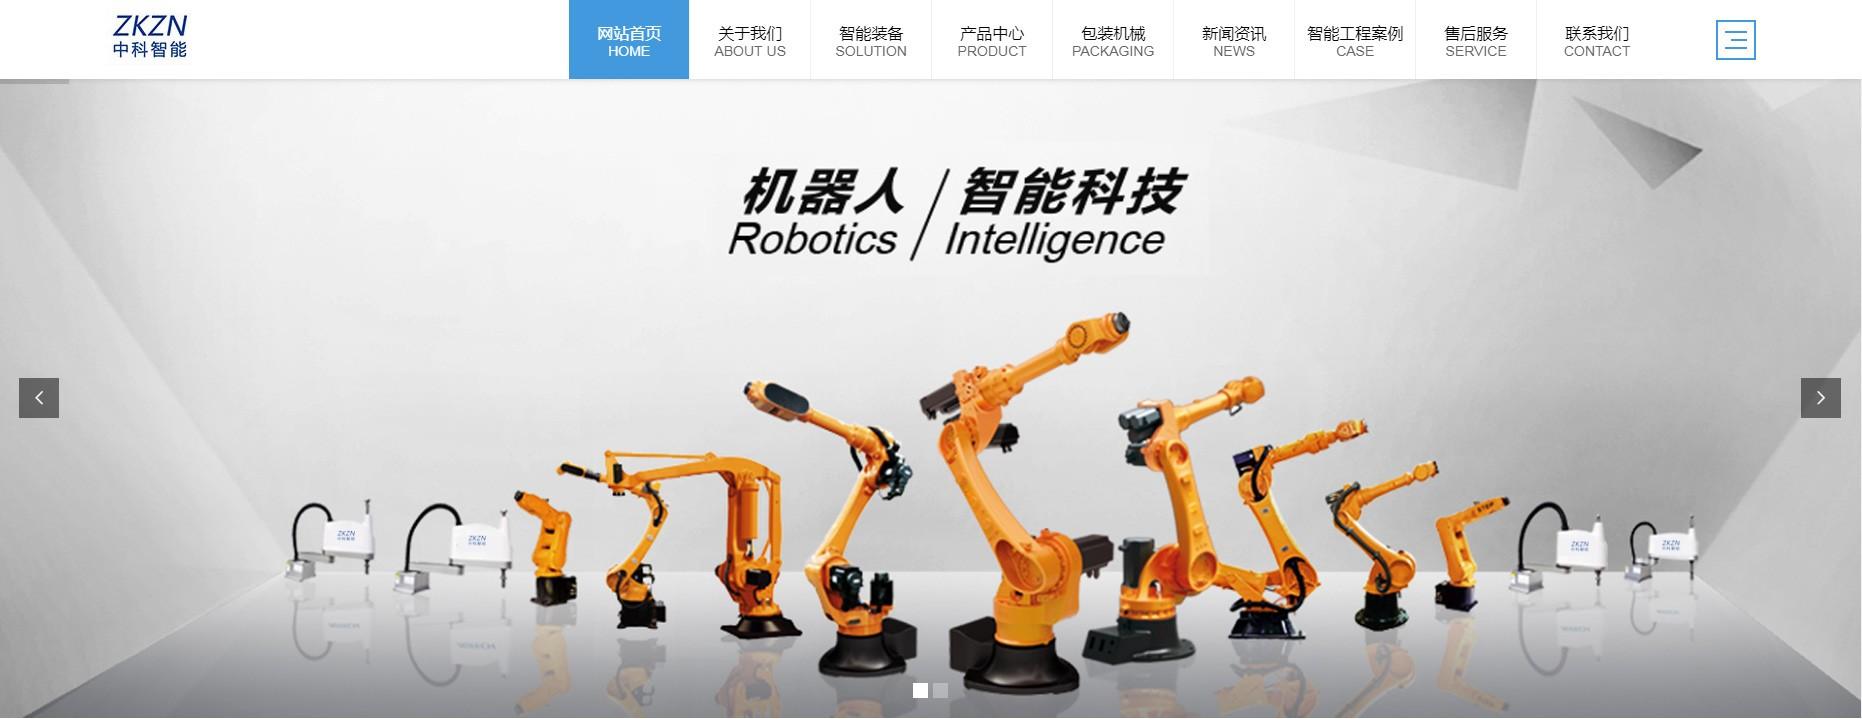 内蒙古中科智能装备工程有限公司网站